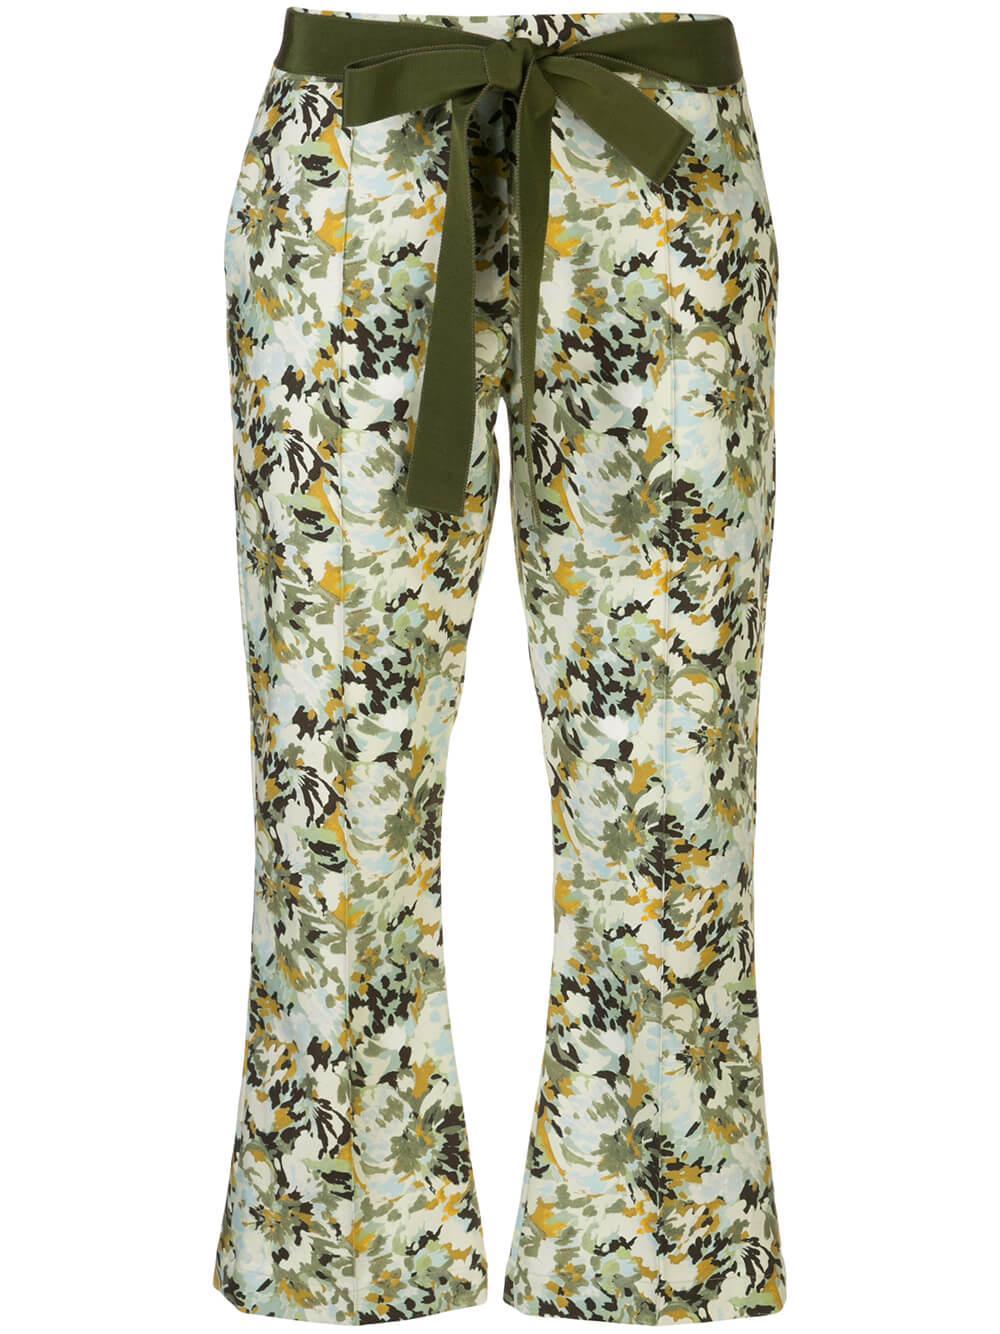 Fabienne Printed Pant Item # FABIENNE-PANT